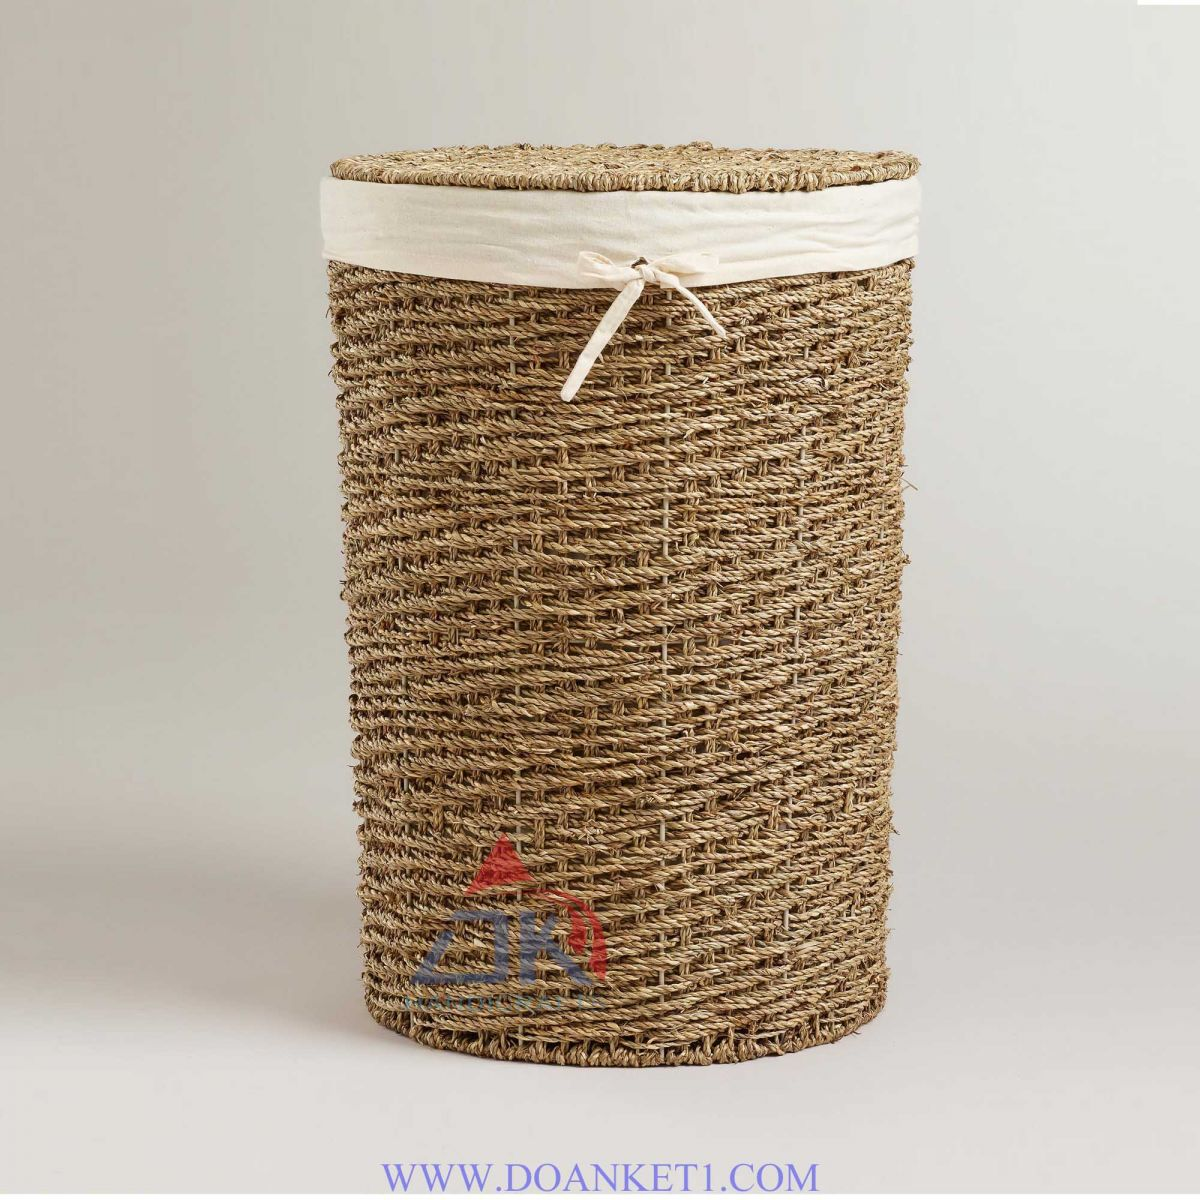 Seagrass Hamper # DK225